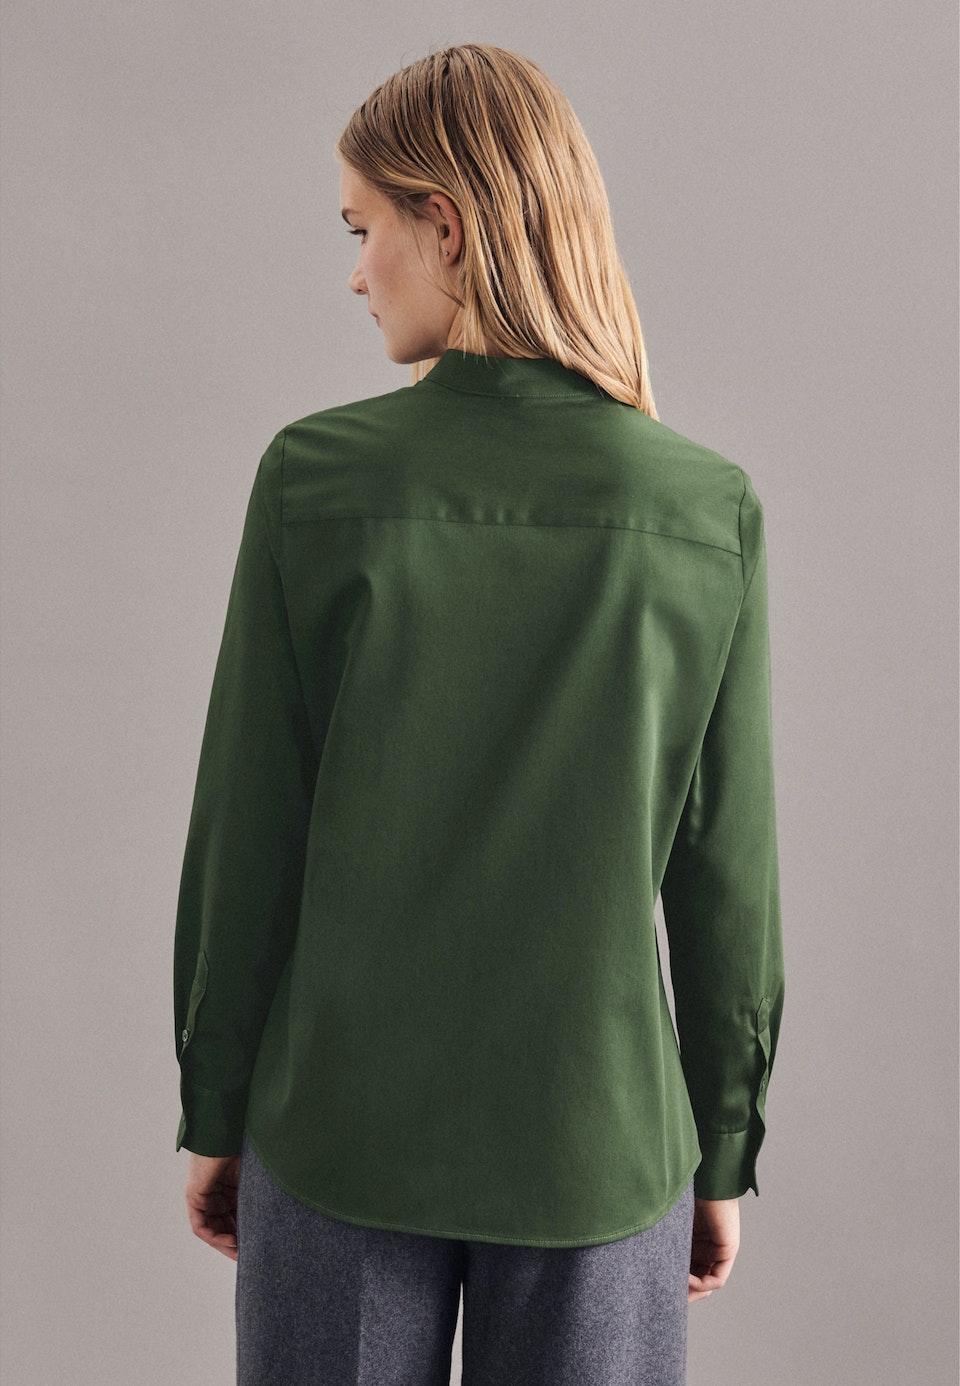 Satin Stehkragenbluse aus 100% Baumwolle in Grün |  Seidensticker Onlineshop